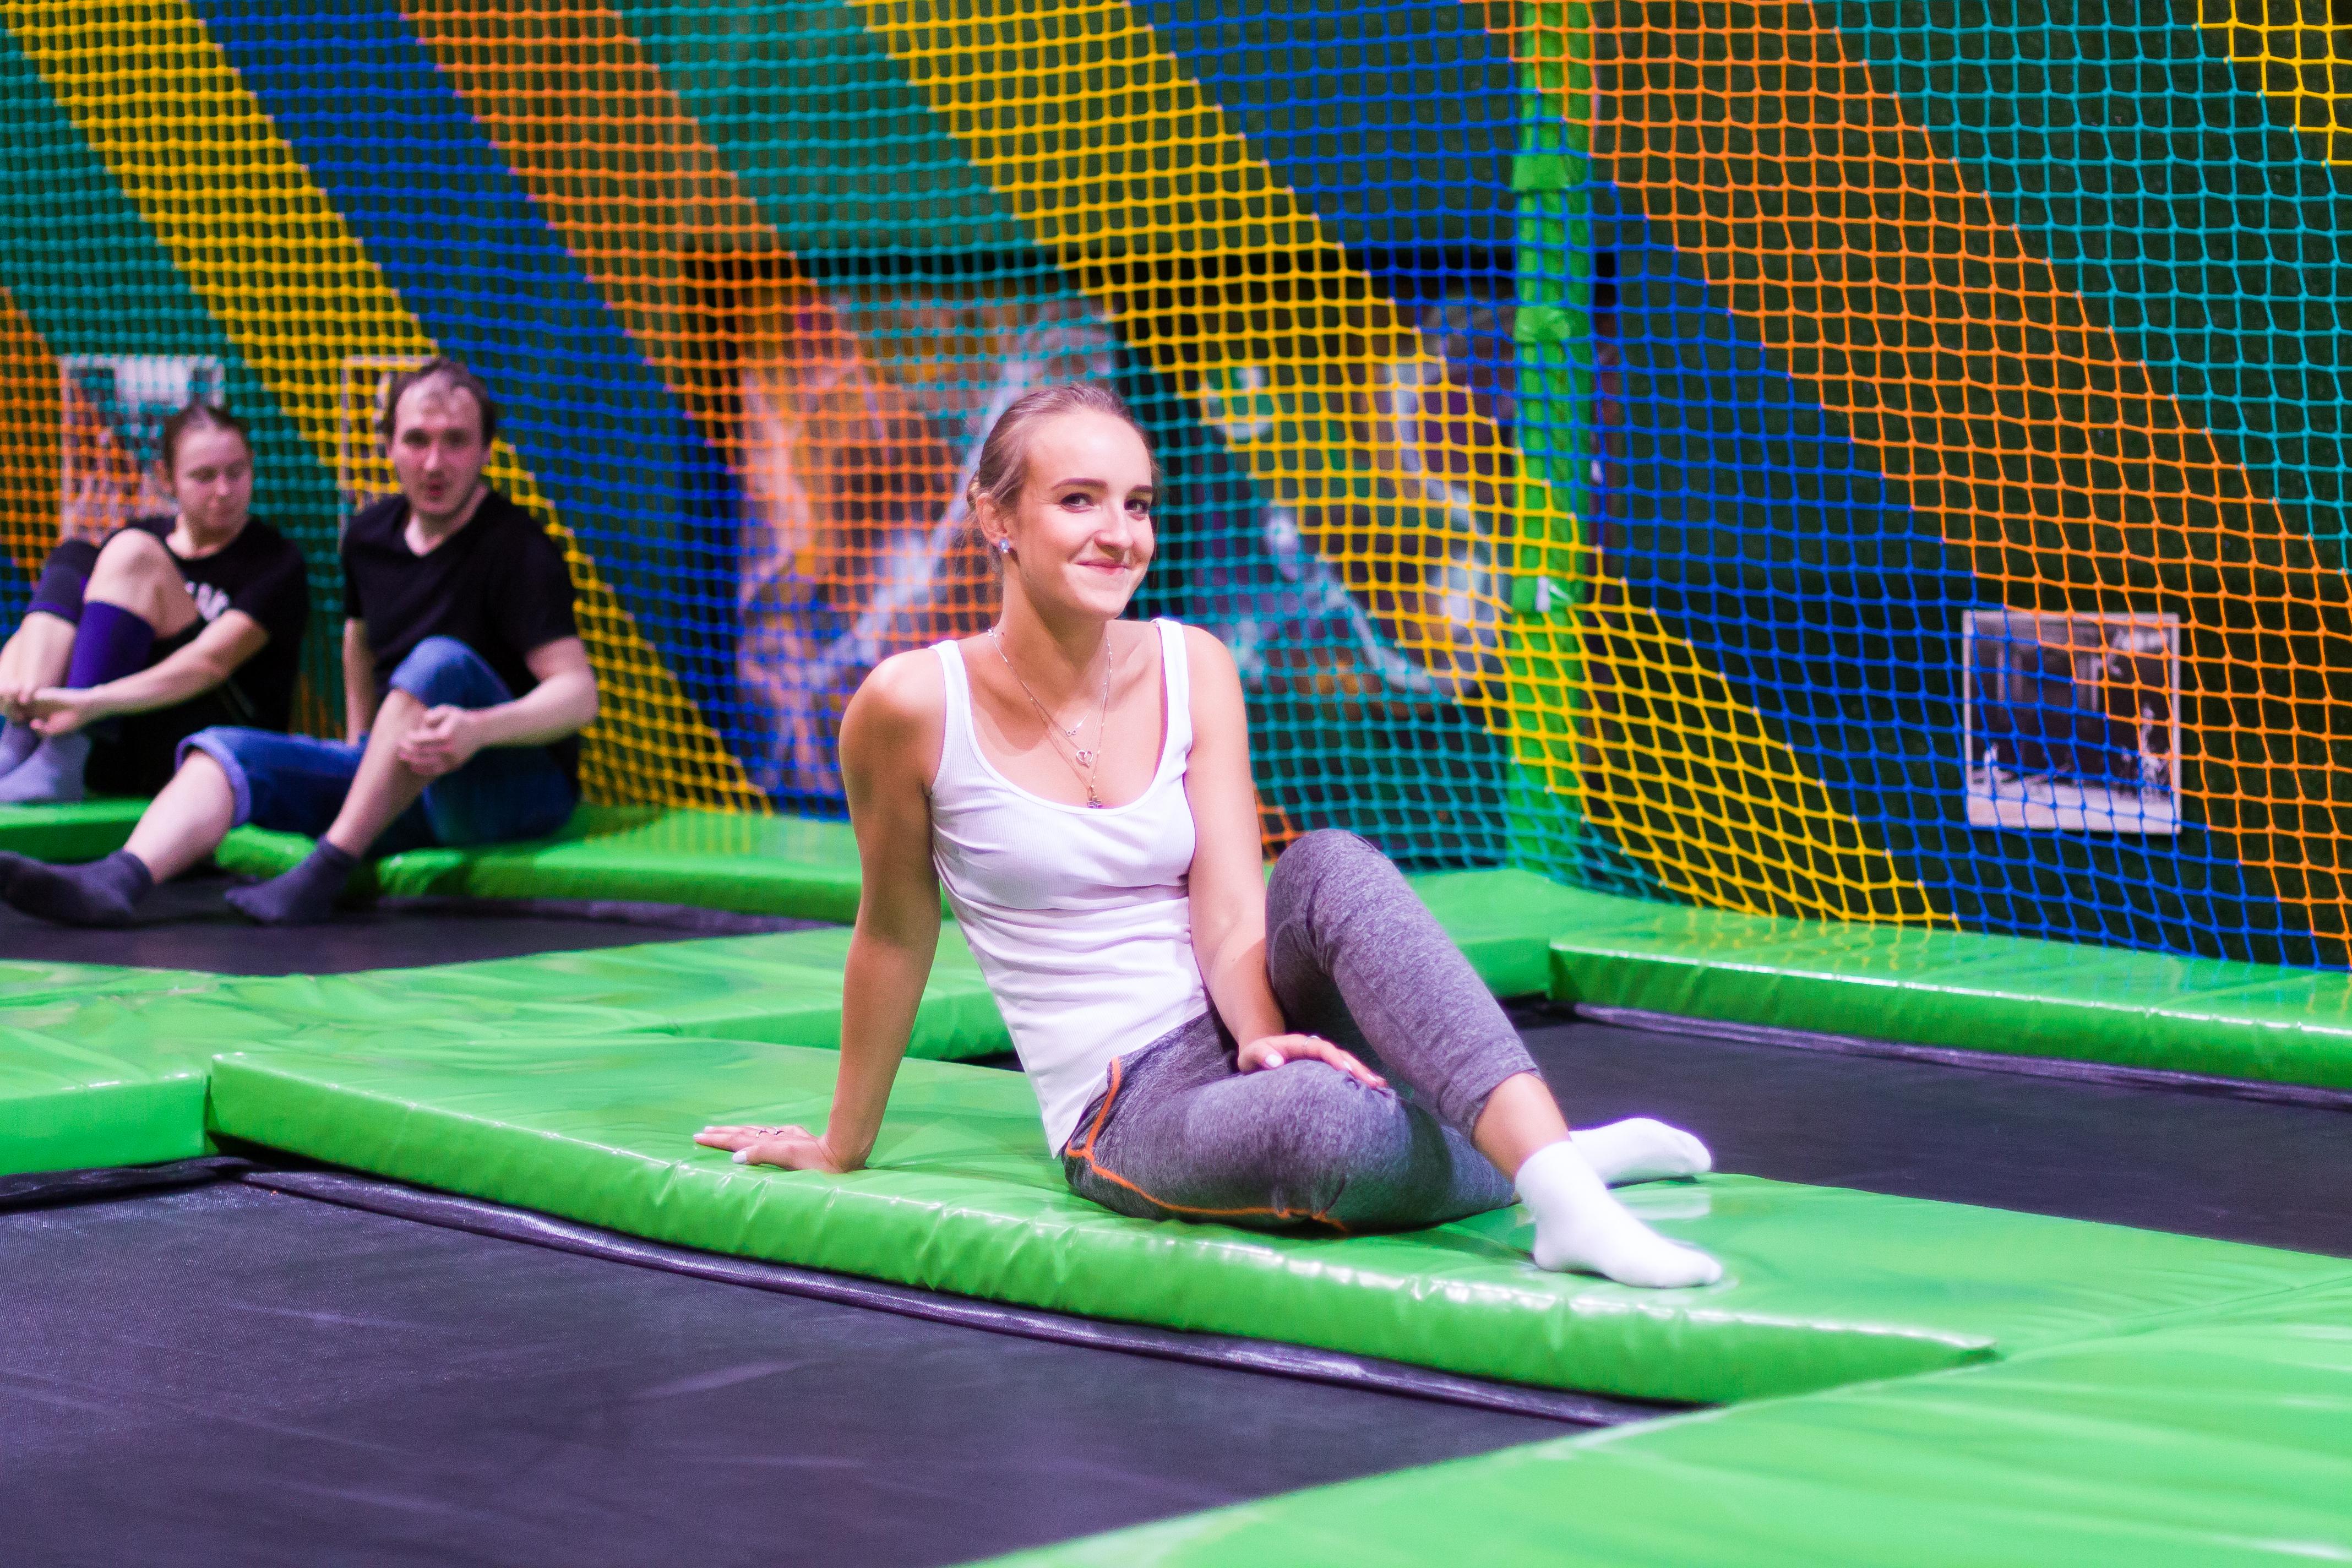 Москвичей пригласили на батутный фитнес в парке «Садовники»